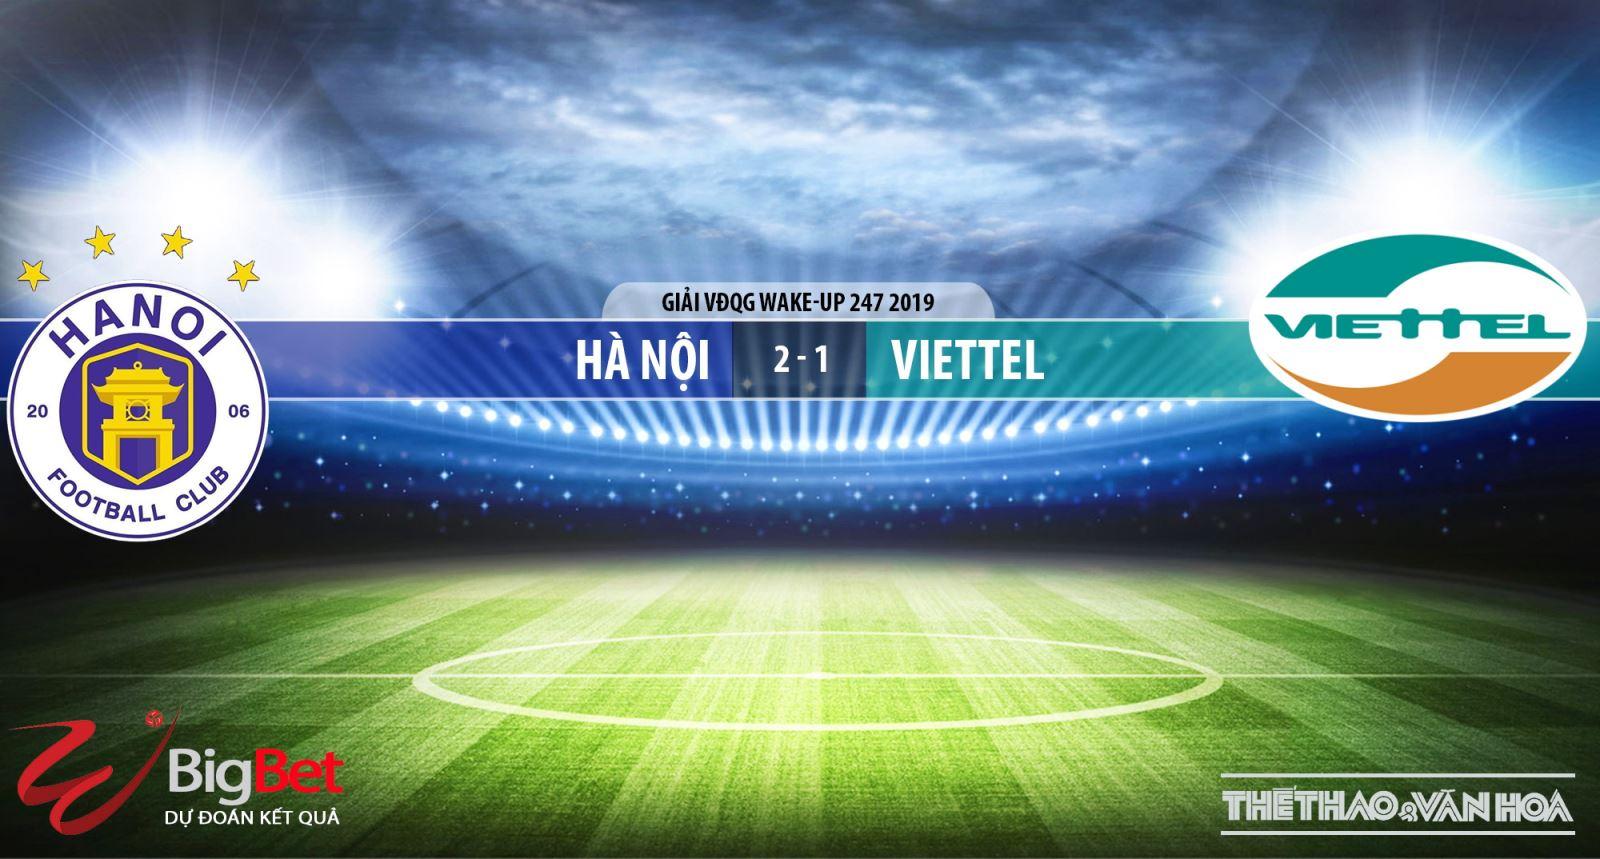 bong da, truc tiep bong da hôm nay, Hà Nội vs Viettel, trực tiếp bóng đá, Hà Nội đấu với Viettel, xem bong da truc tuyen, VTV6, bóng đá TV, Hà Nội FC